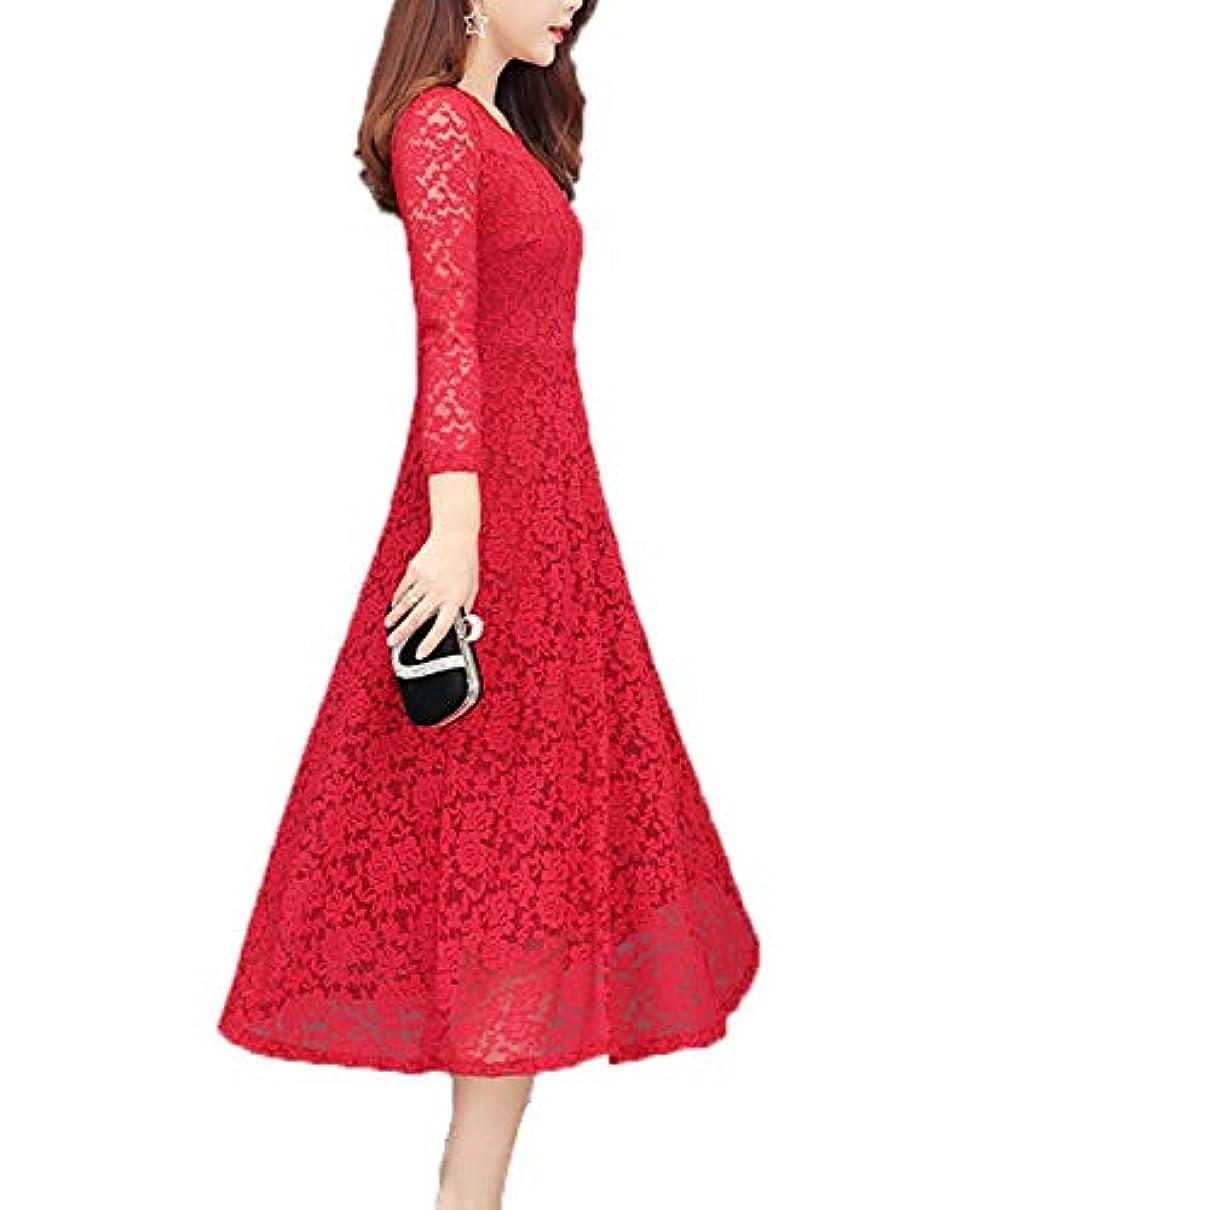 カップルあご一般的に[ココチエ] ワンピース ドレス 黒 赤 リボン フレア Aライン ロング 長袖 膝丈 レトロ クラシック